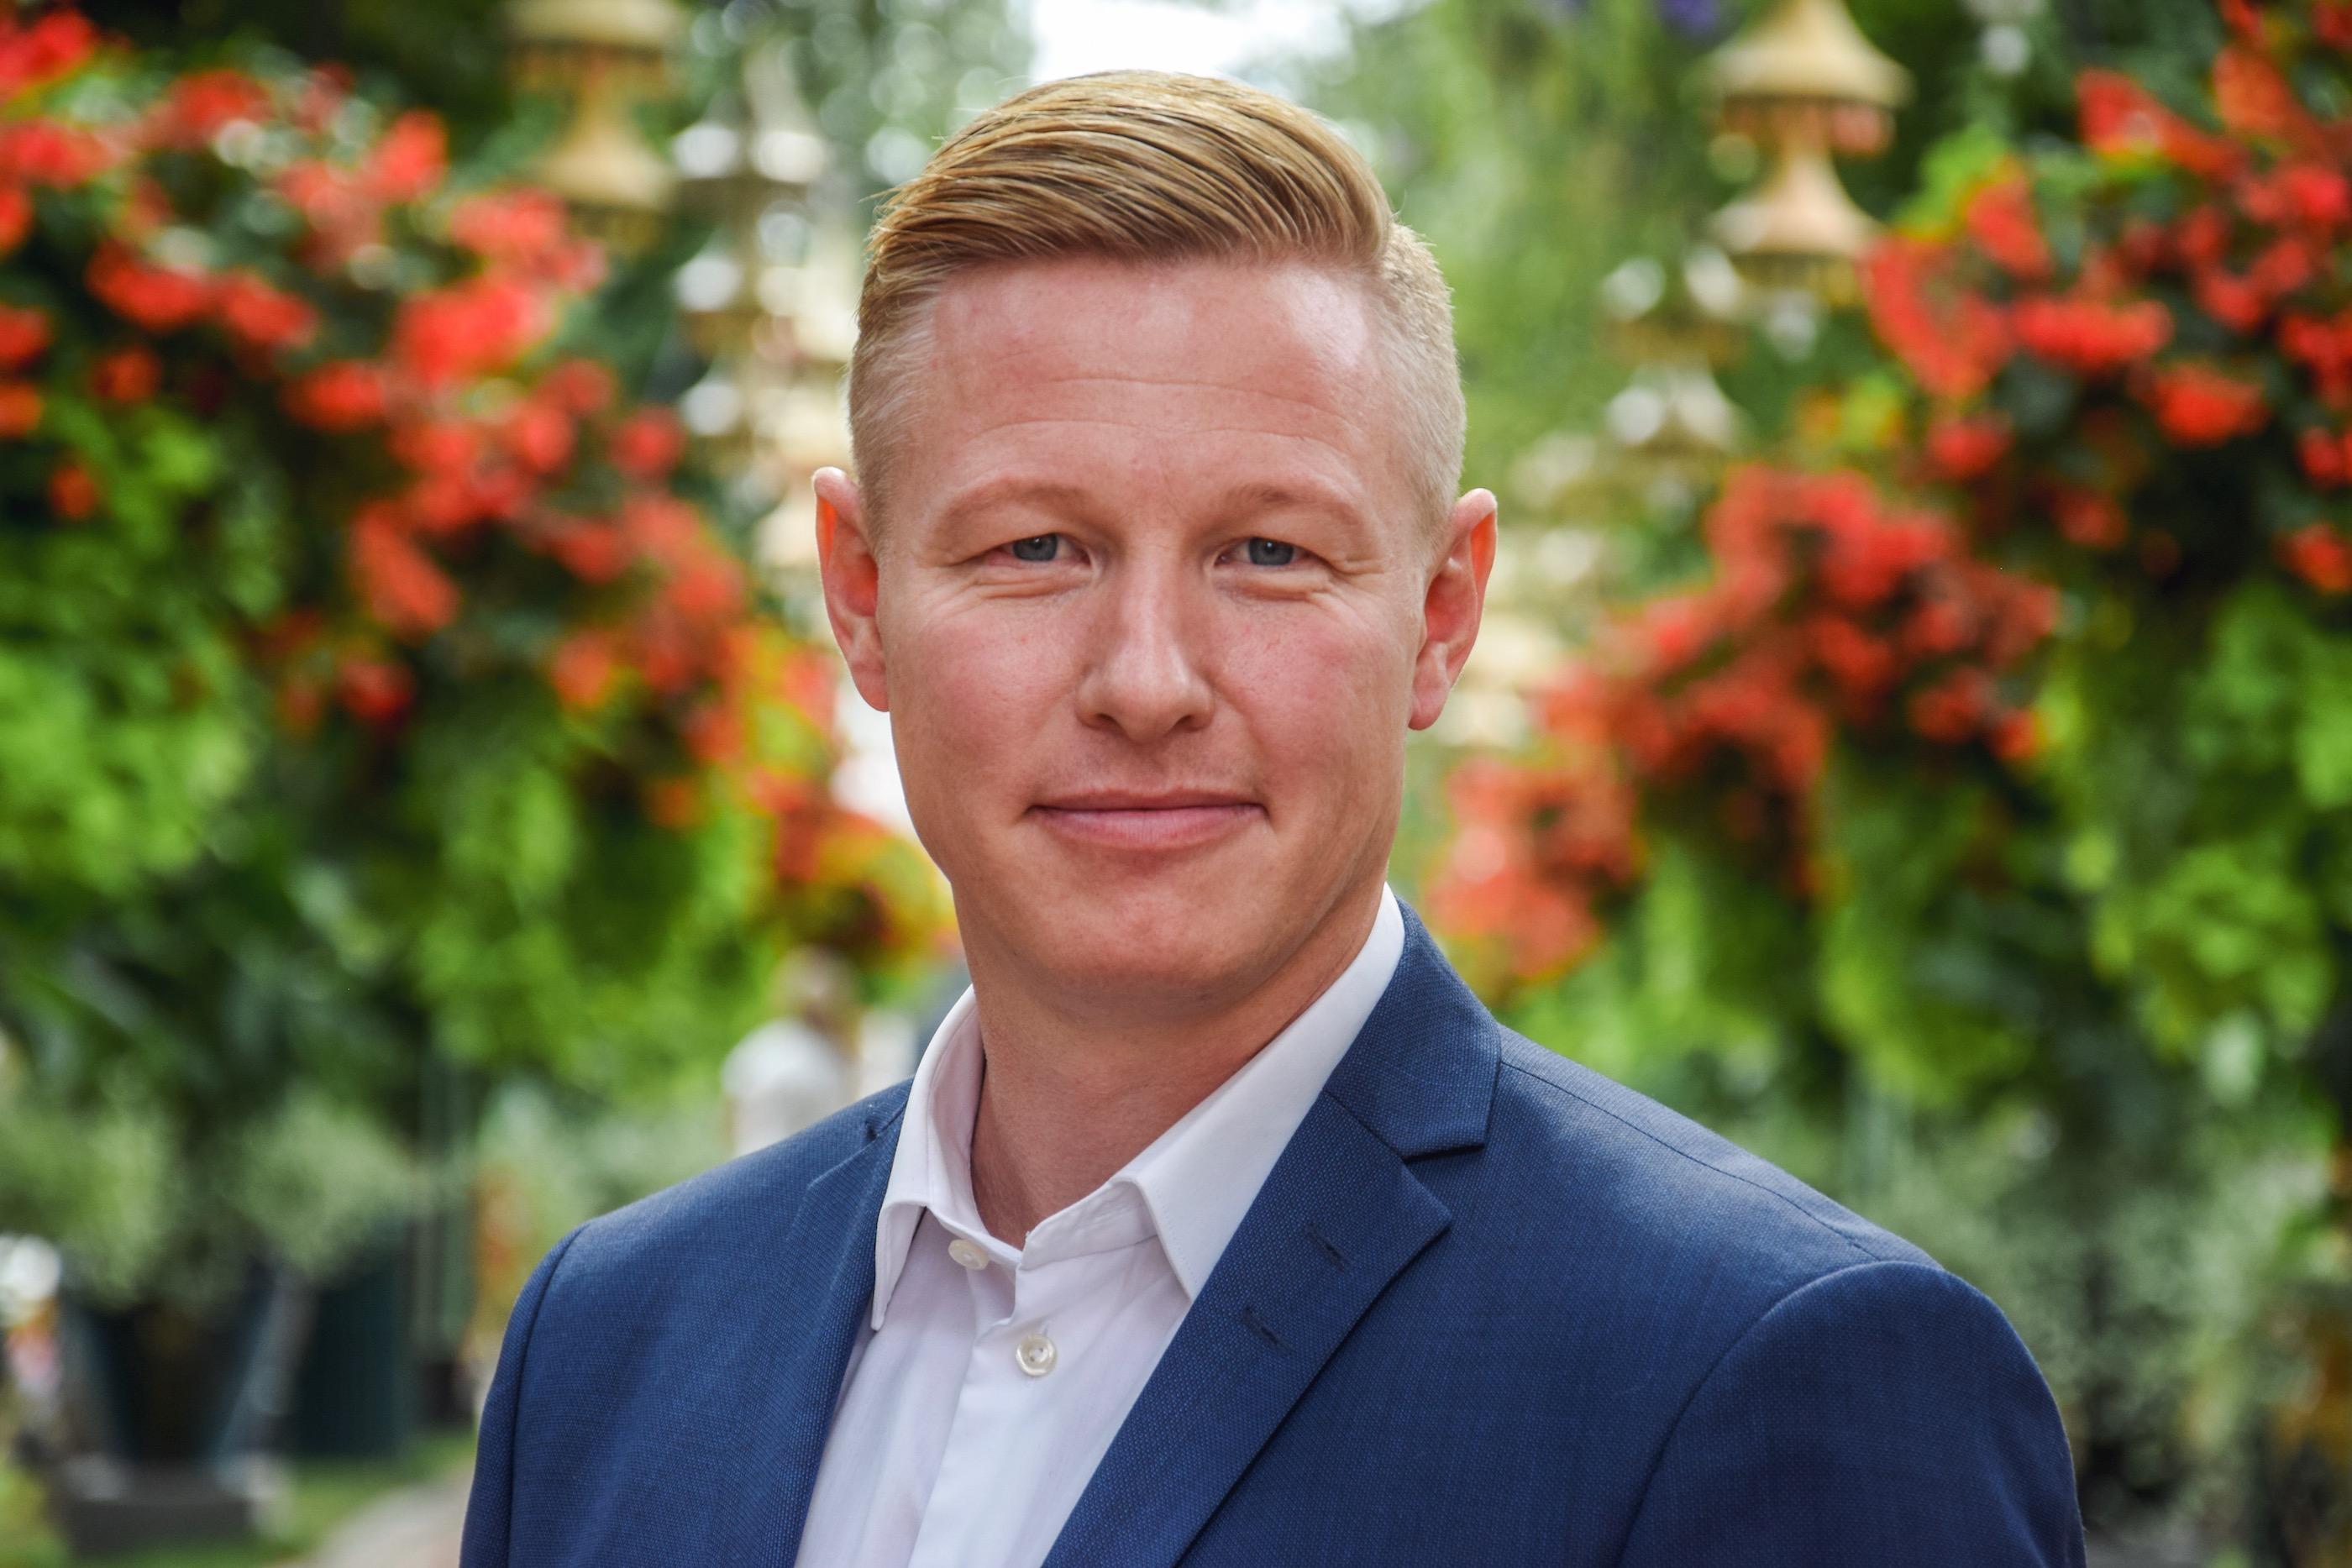 Niels Jørgensen skifter fra eventbureauet Nordic Event og bliver 1. oktober ny chef for Tivolis kommercielle partnerskaber og erhvervsklub. Foto for Tivoli: Christoffer Sandager.